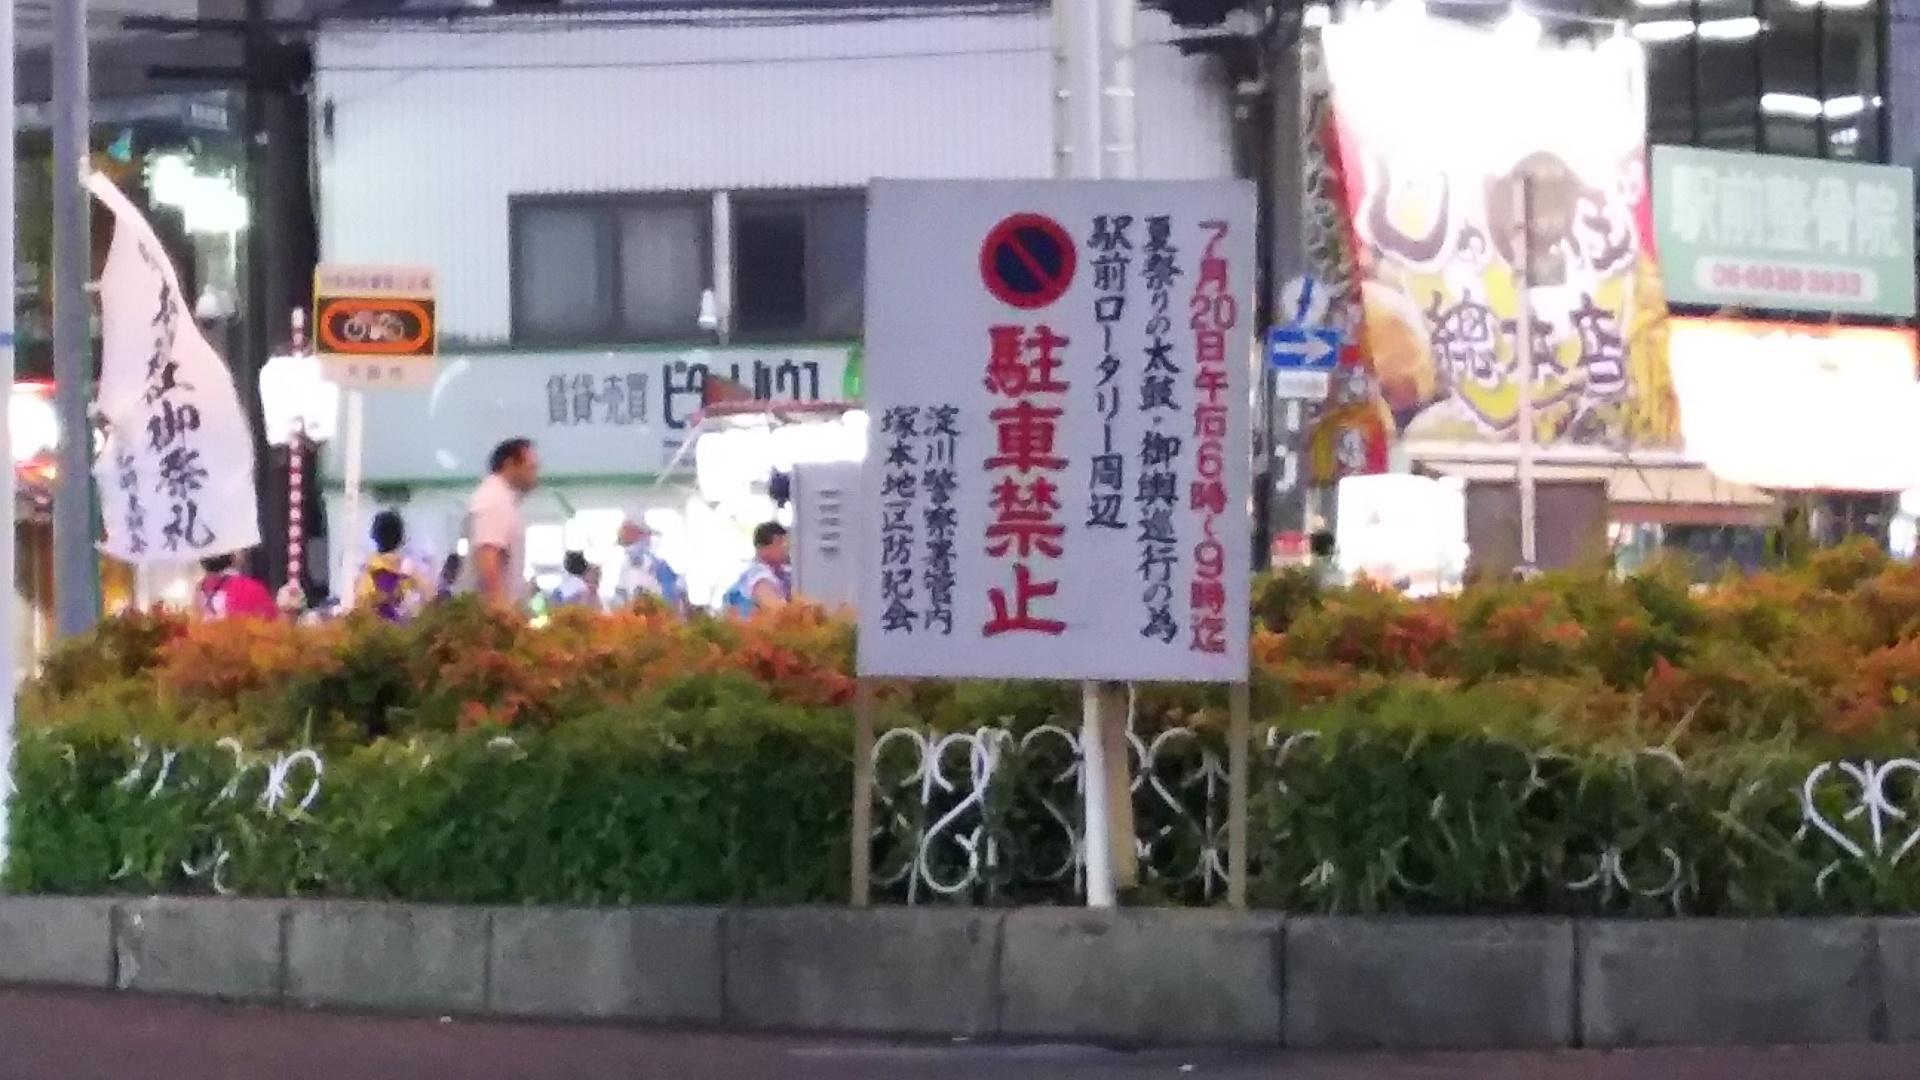 JR塚本駅前 ロータリー 塚本神社 夏祭りでの駐車禁止のお知らせ